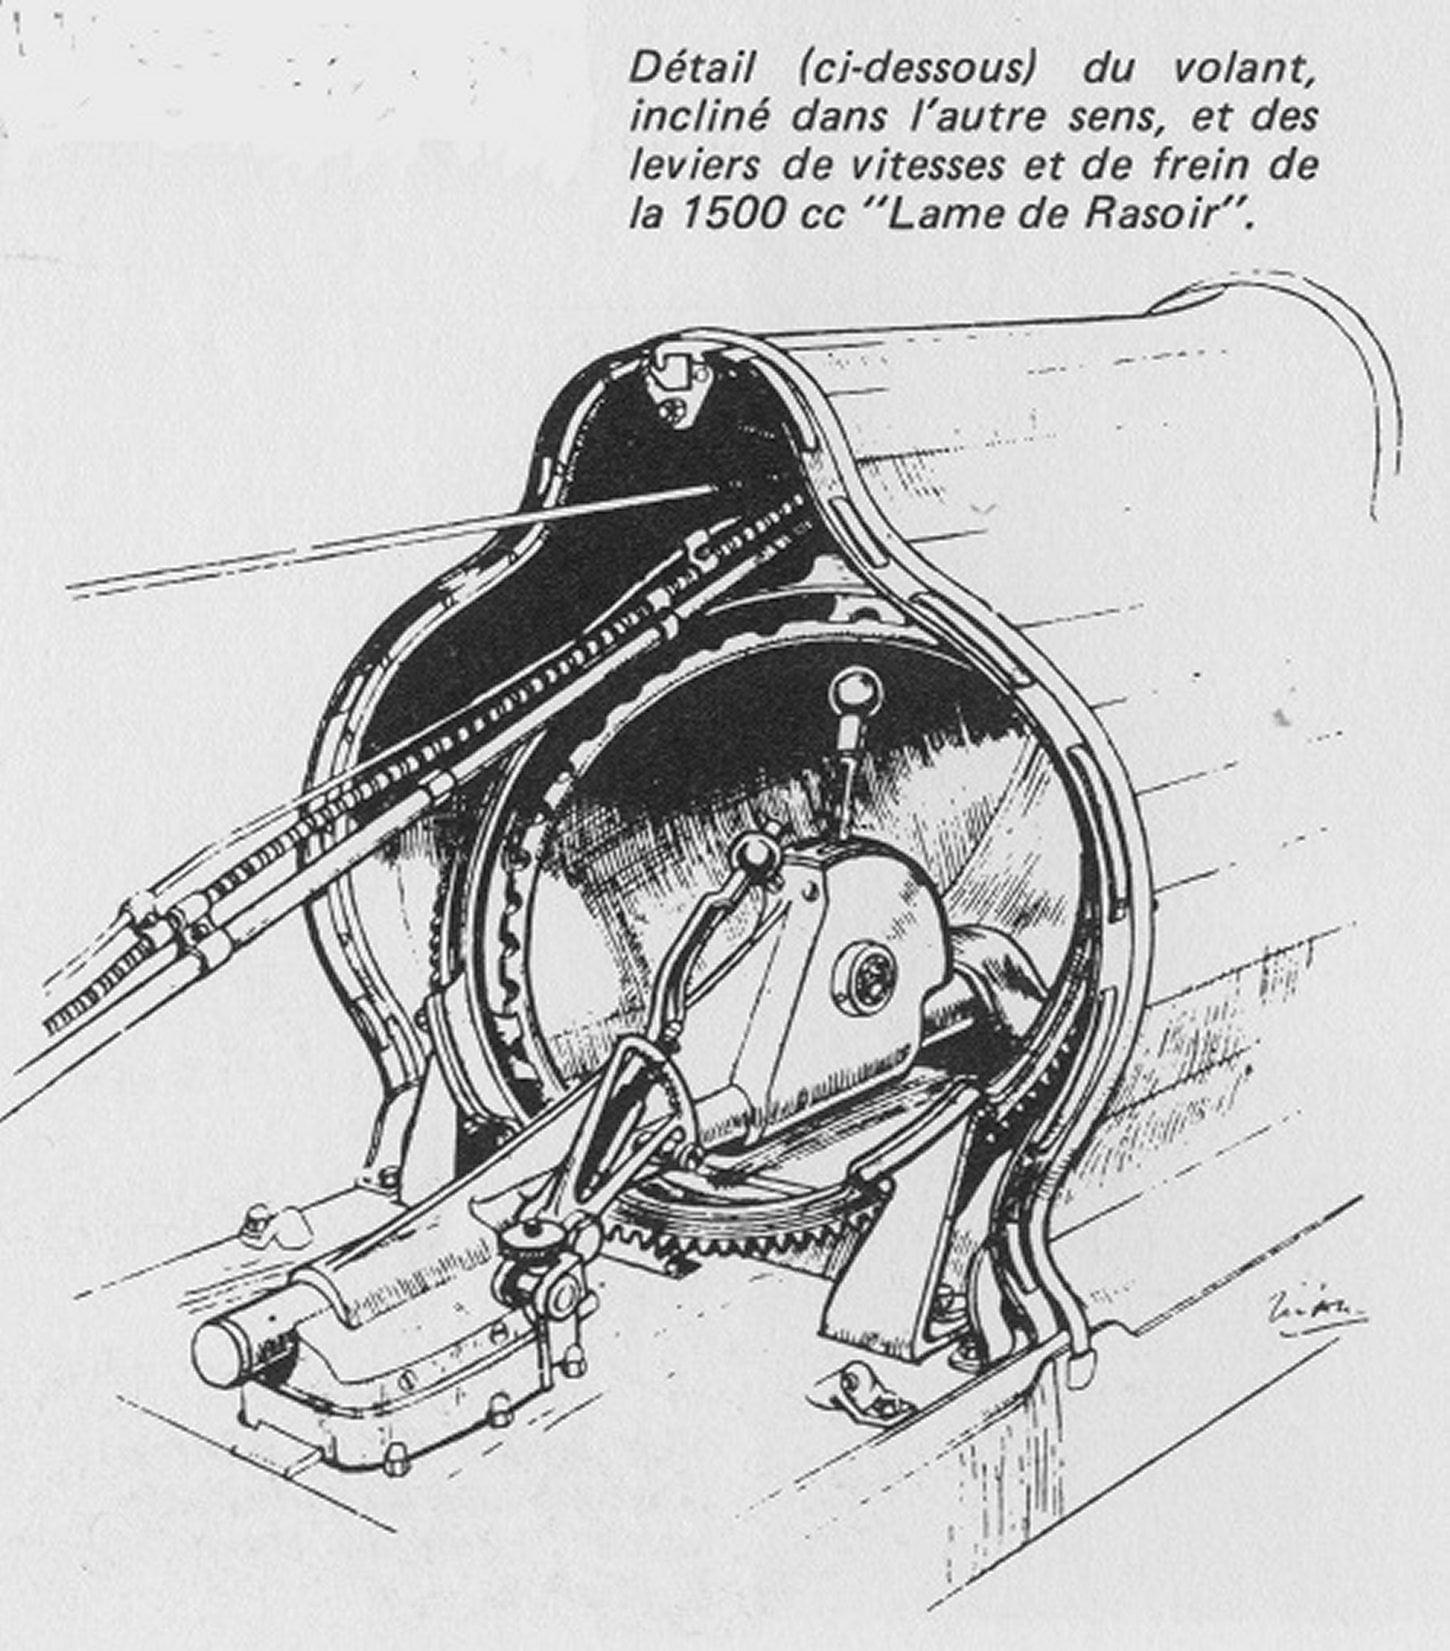 Panhard-het-scheermesje-1926-1500-CC-10-PK-met-speciale-stuurwiel-met-ritatiebeweging-via-rondsel--(6)